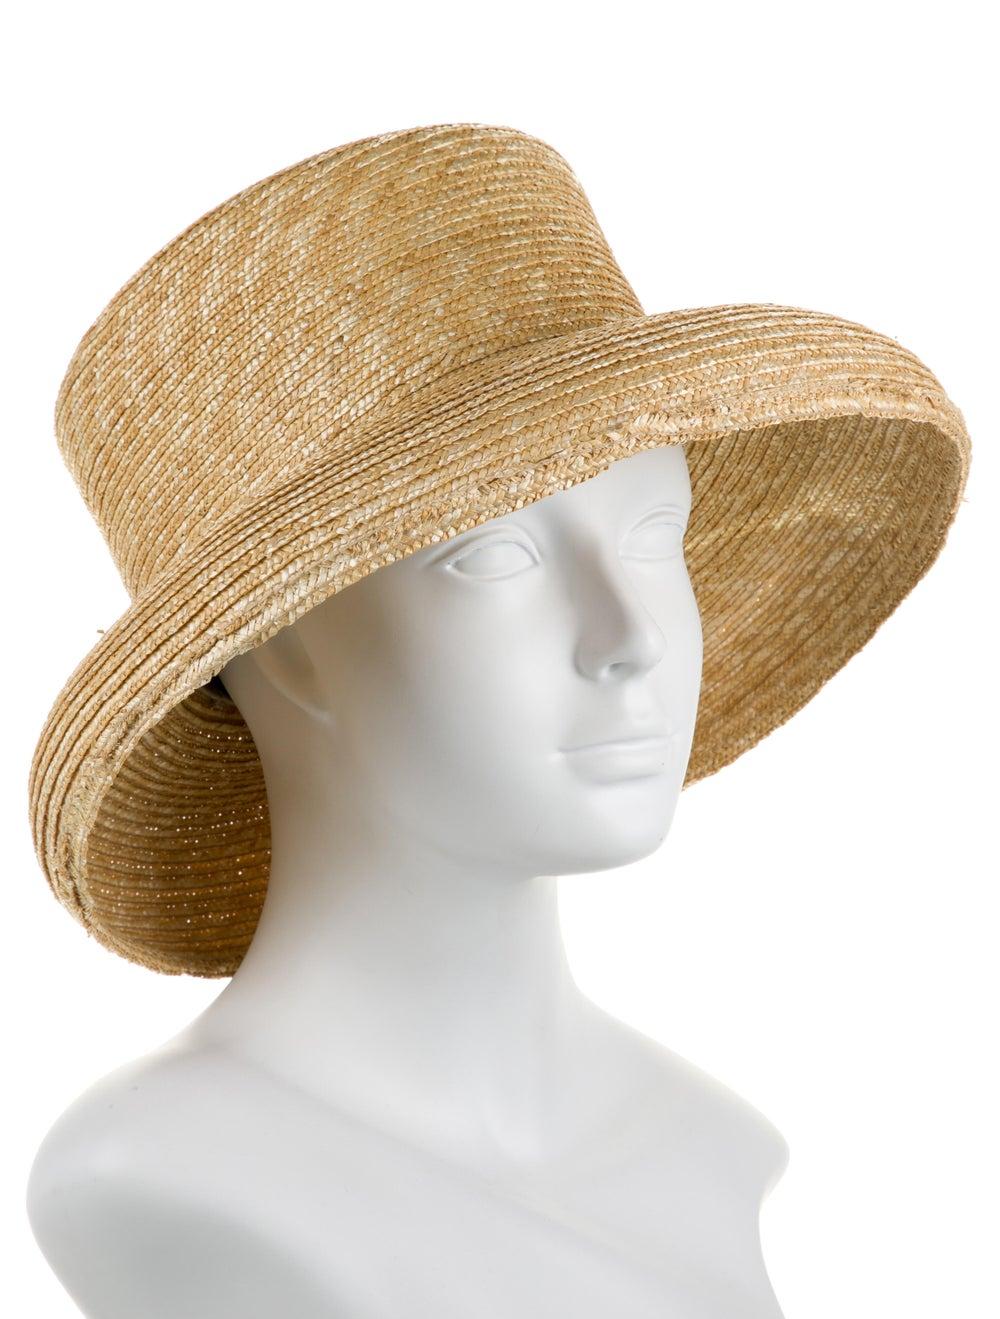 Janessa Leone Straw Wide Brim Hat - image 3